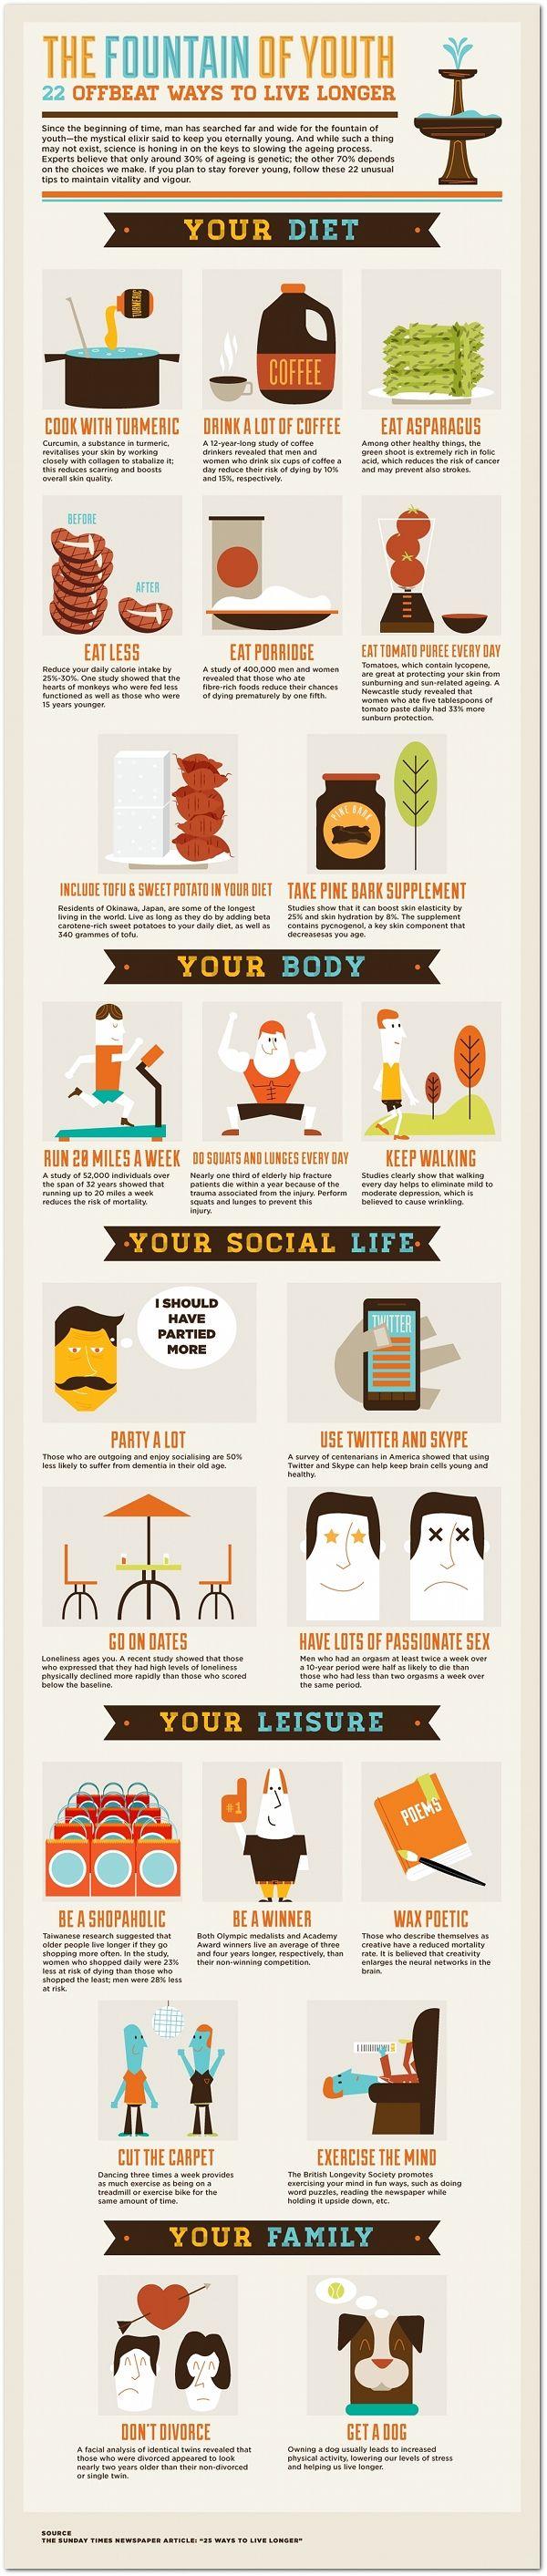 22 ways to live longer